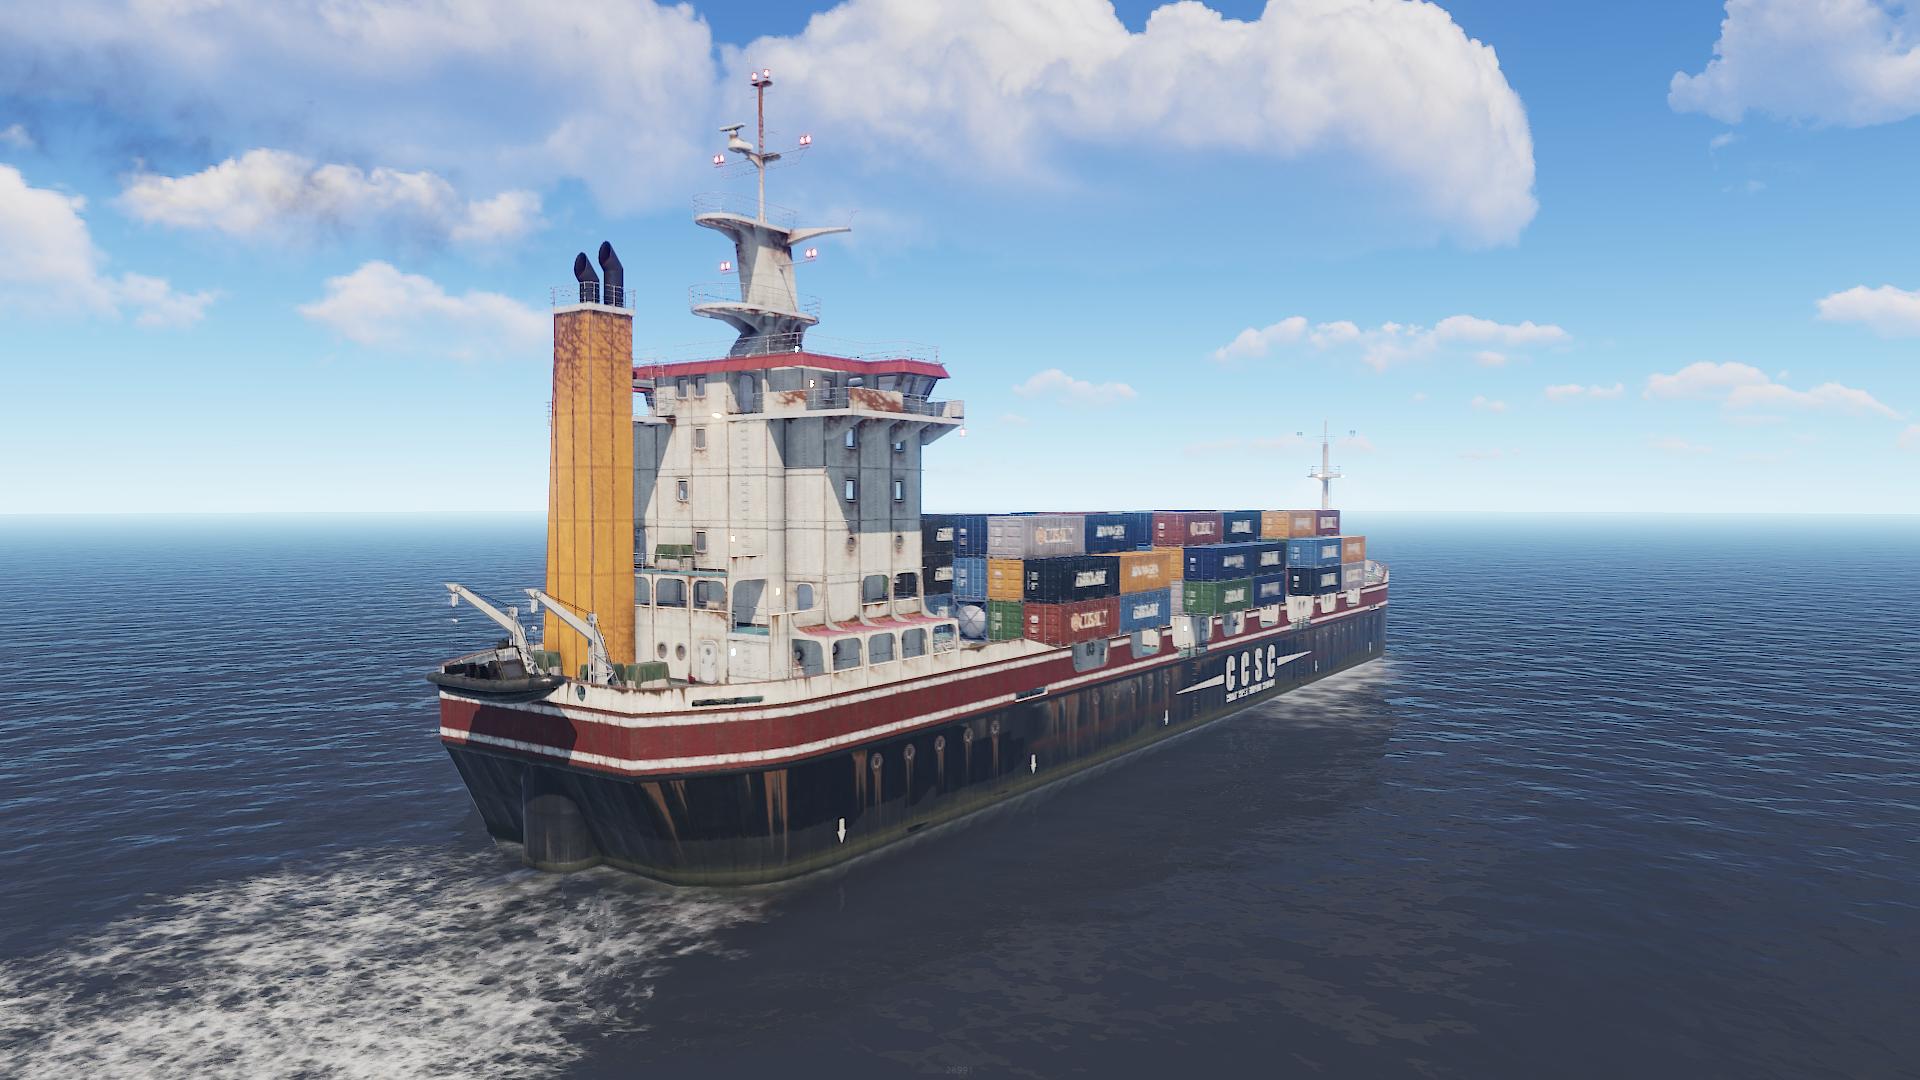 10+ Cargo Ships In Games ideas  cargo shipping, cargo, ship games